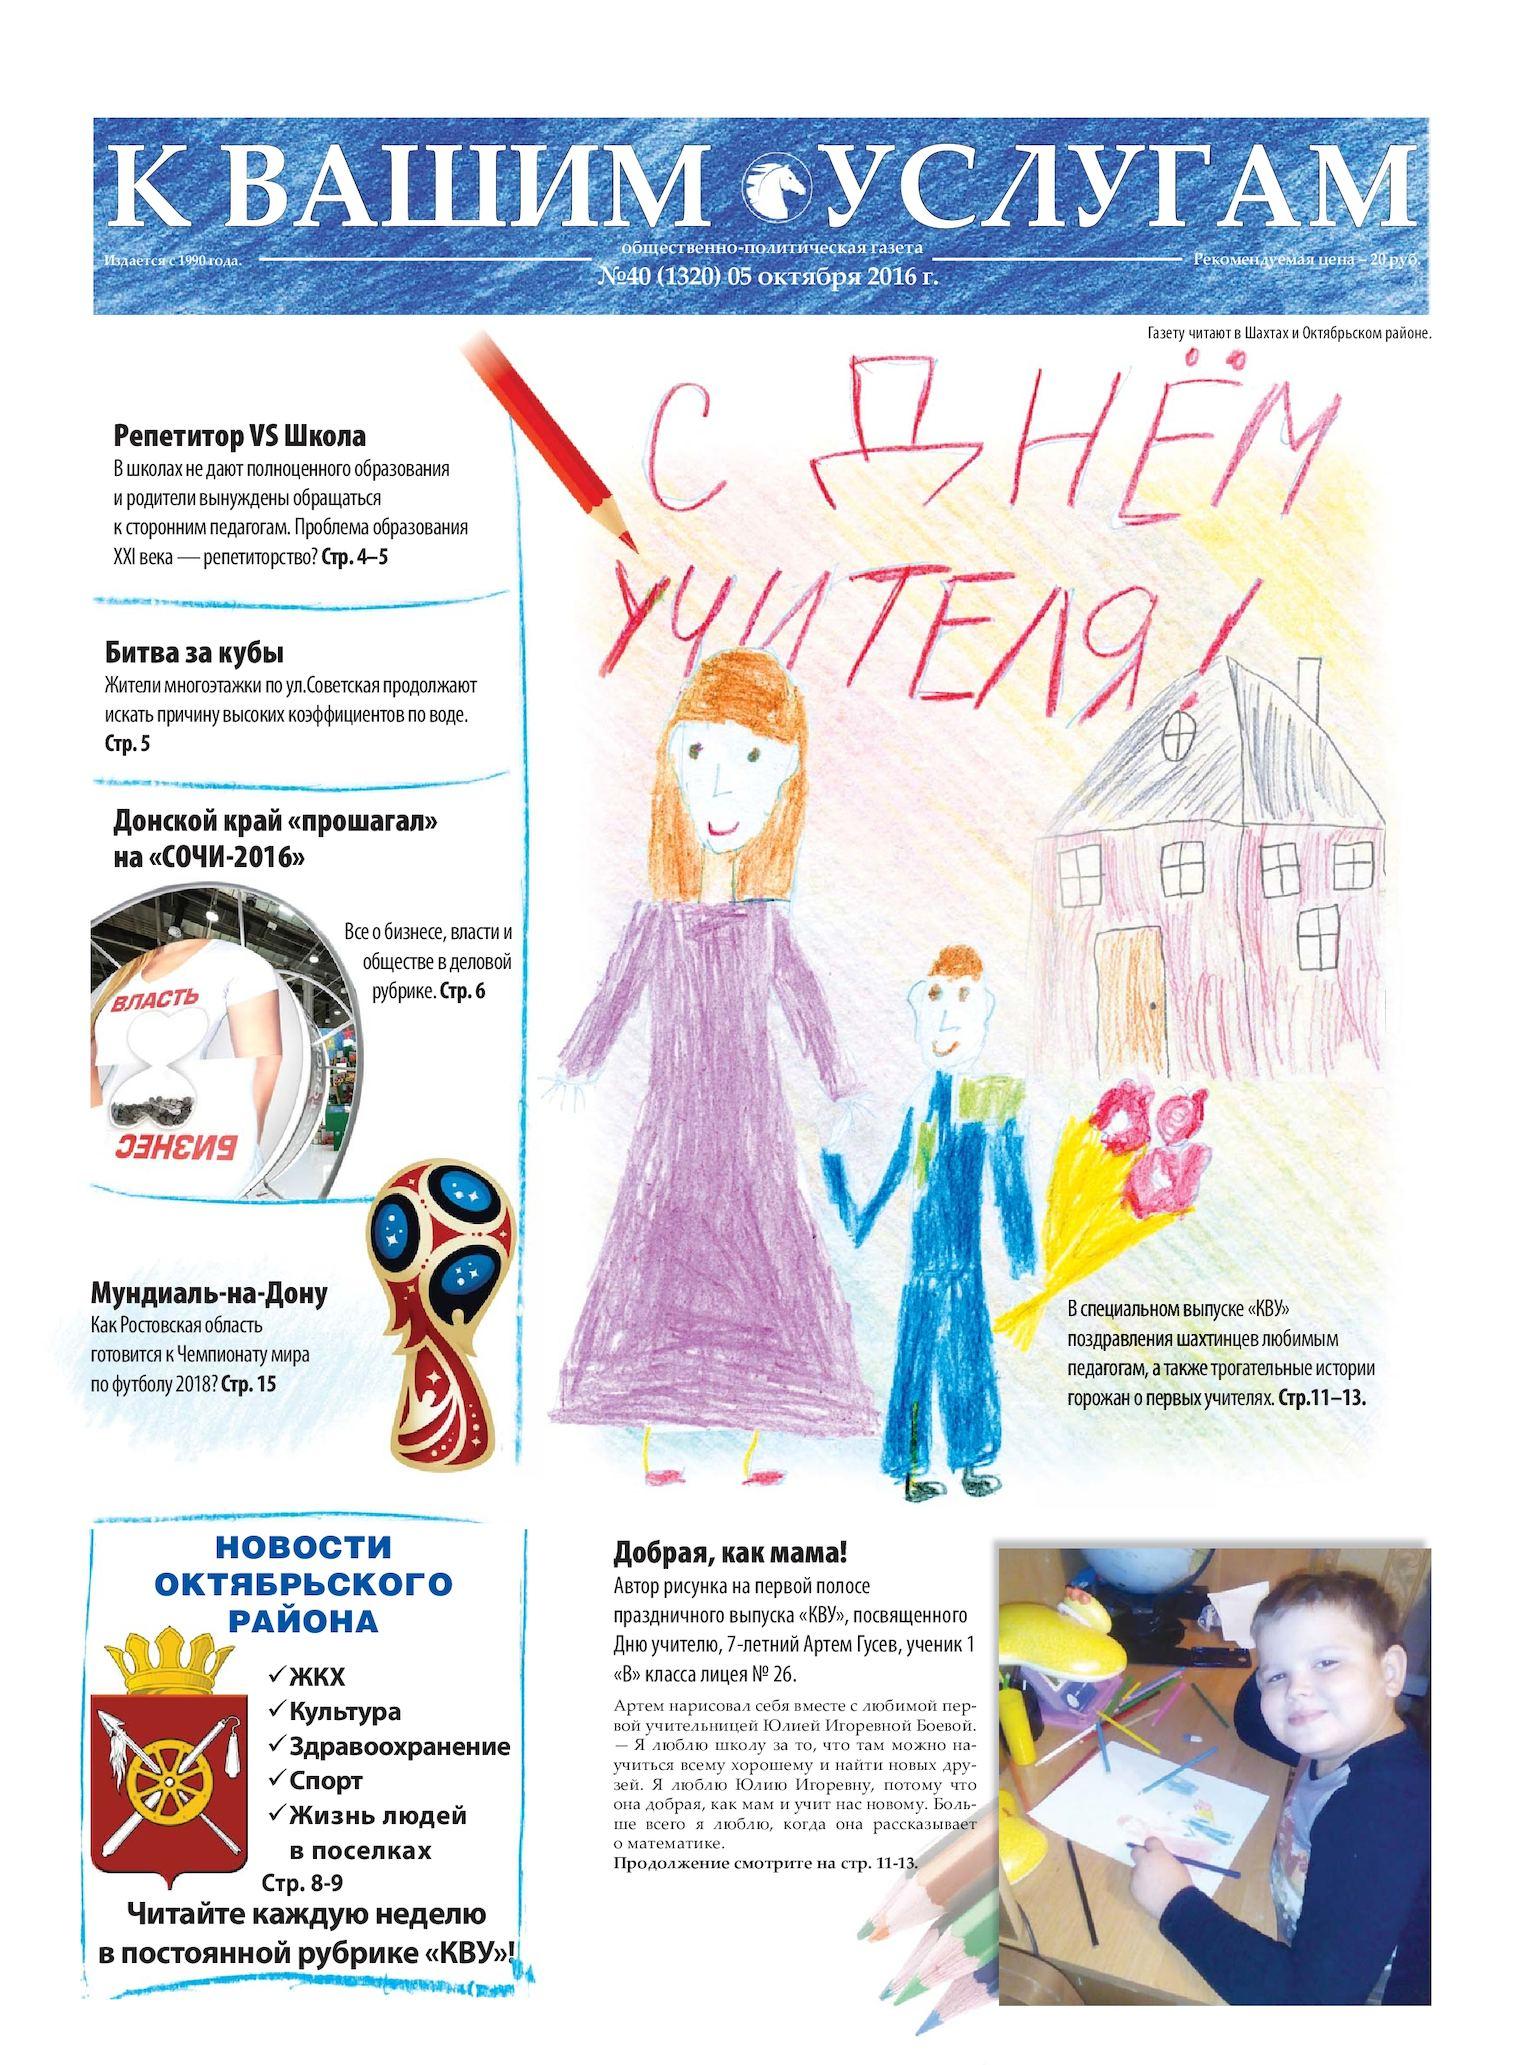 69ce50c68e31 Calaméo - Газета КВУ №40 от 5 октября 2016 г.